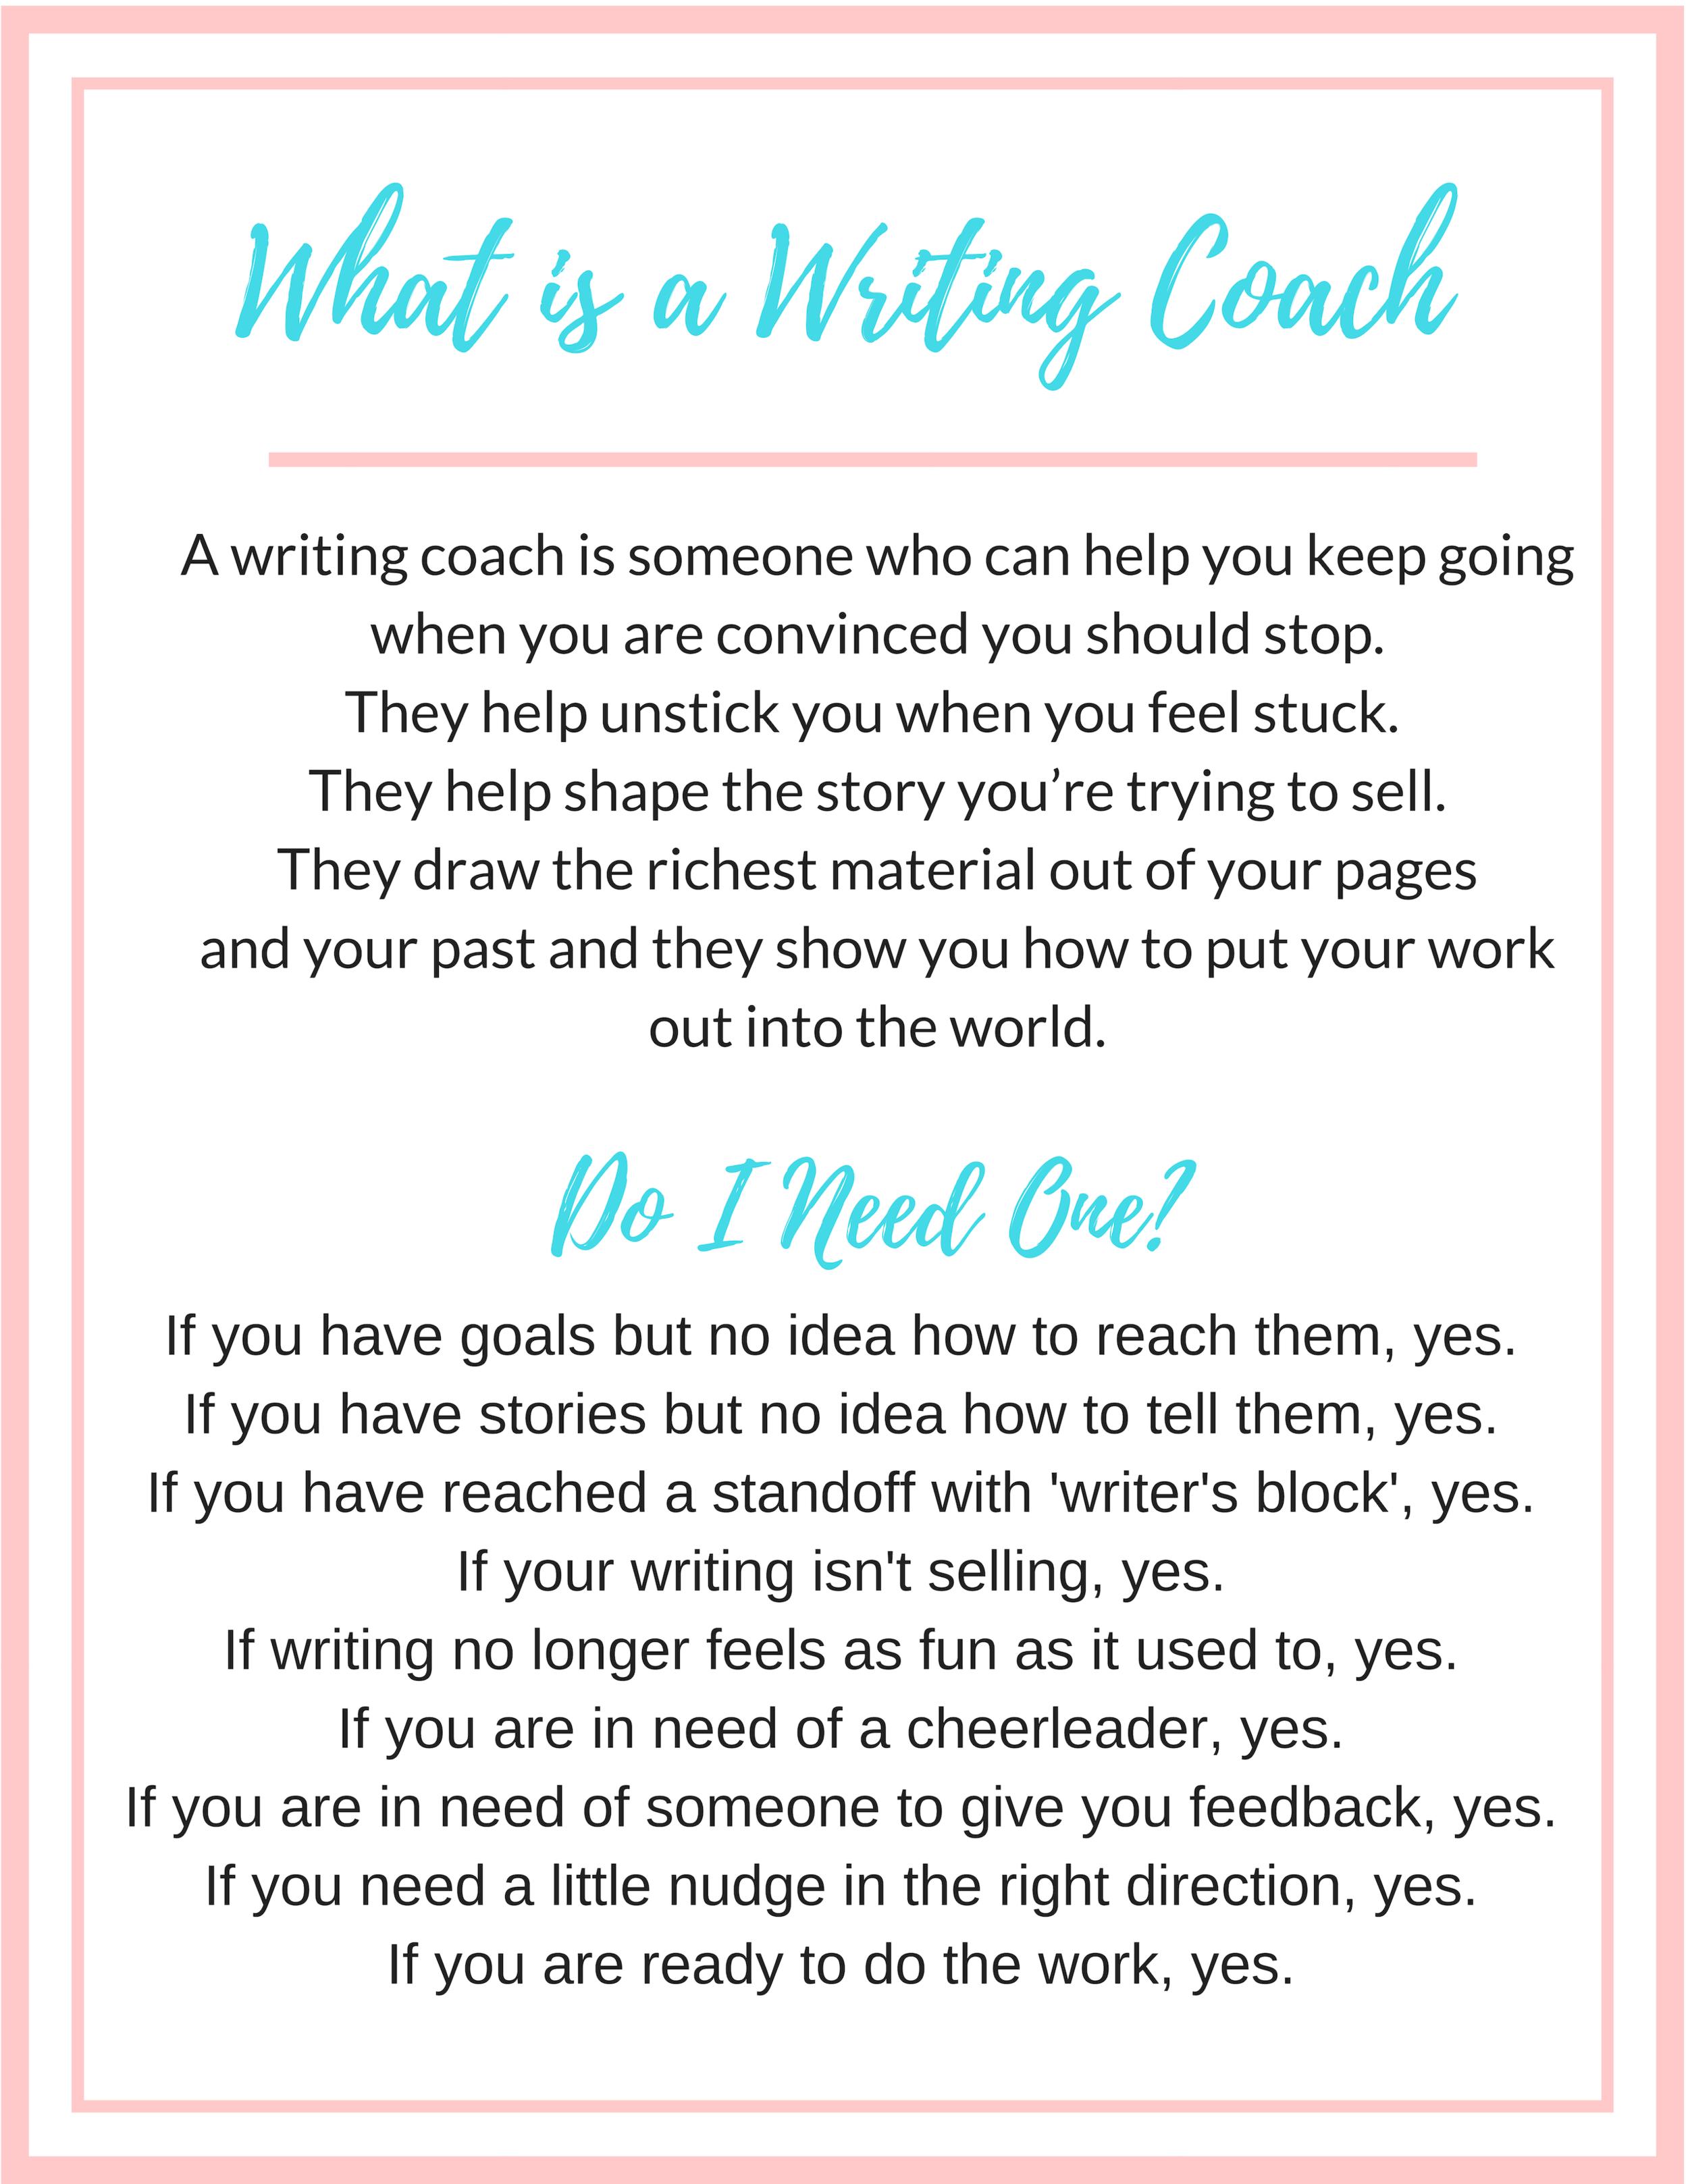 Writing Coach.png